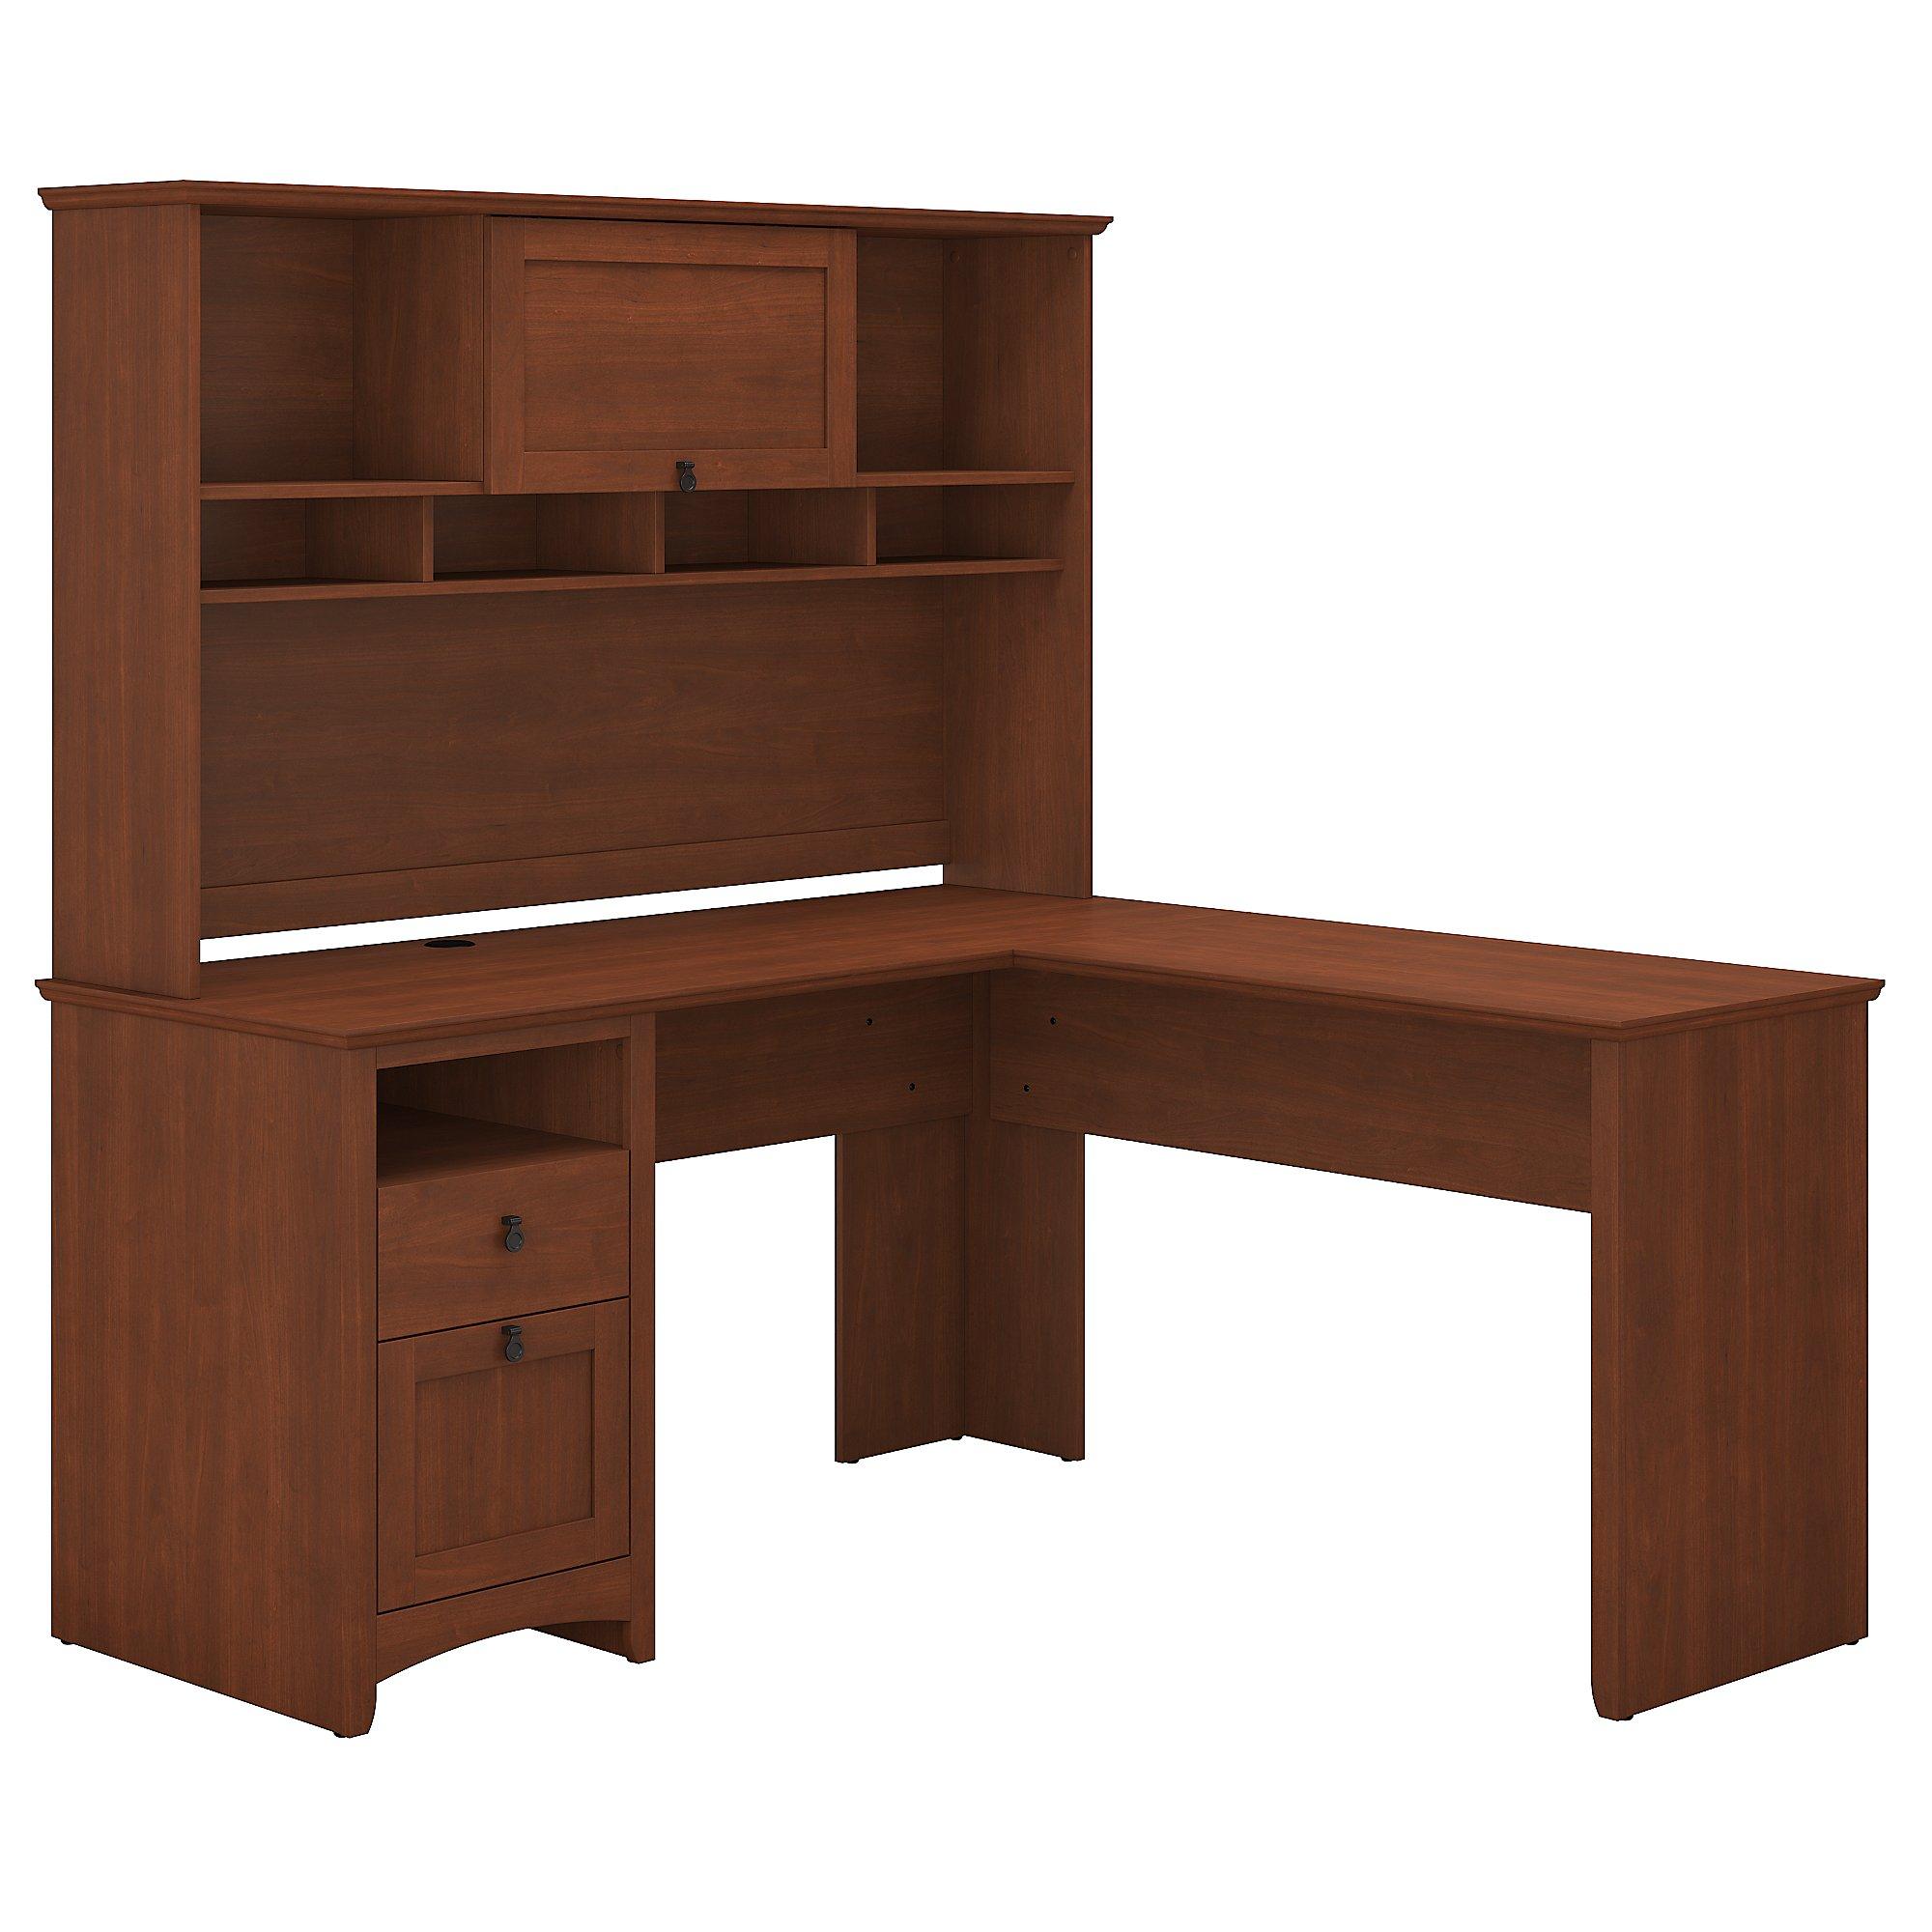 Beau Bush Furniture Buena Vista L Shaped Desk With Hutch In Serene CherryMedia  Image